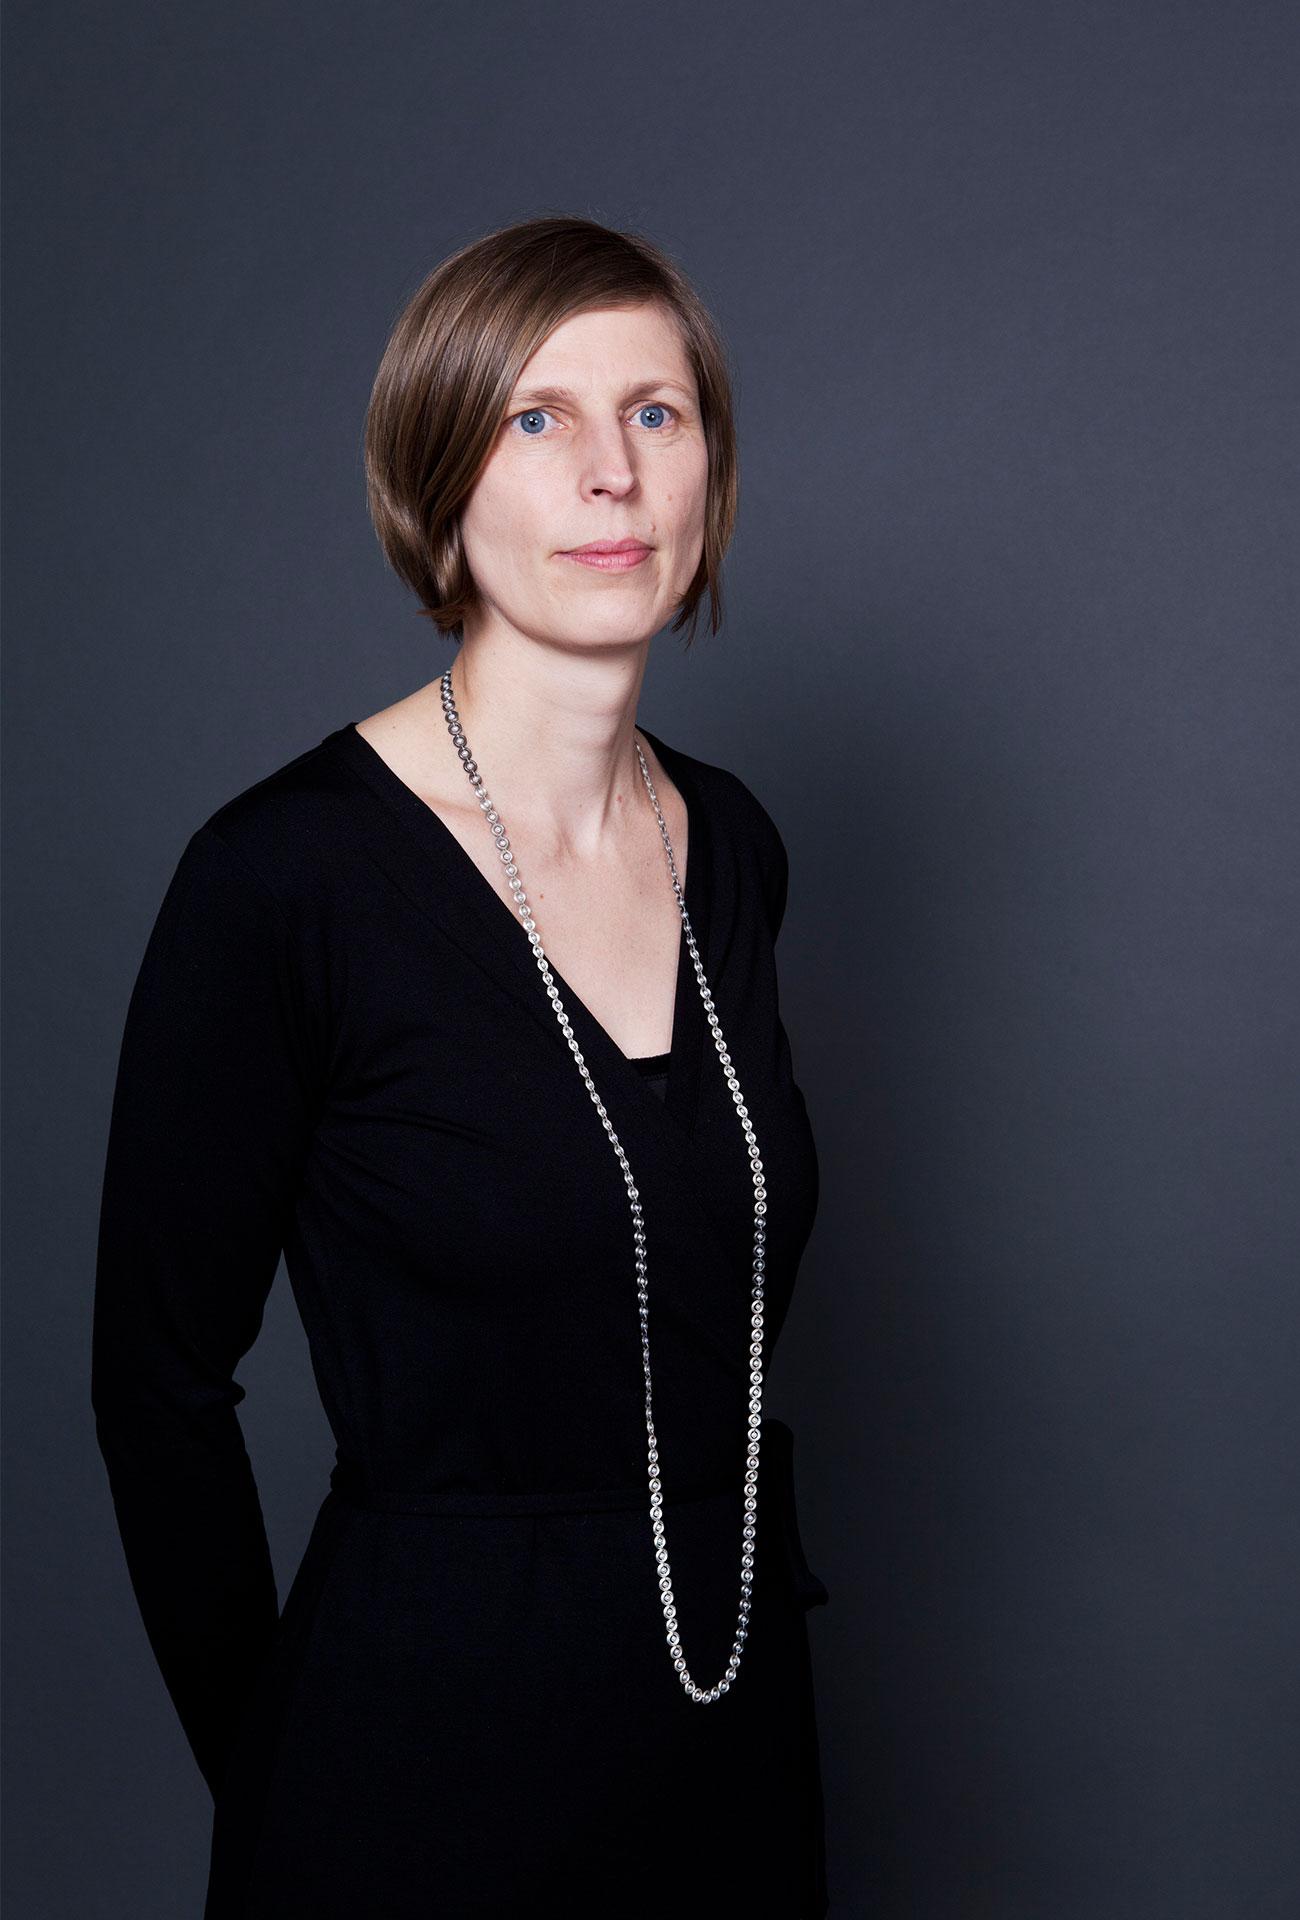 Stefanie Prießnitz, Perlenreihenkette